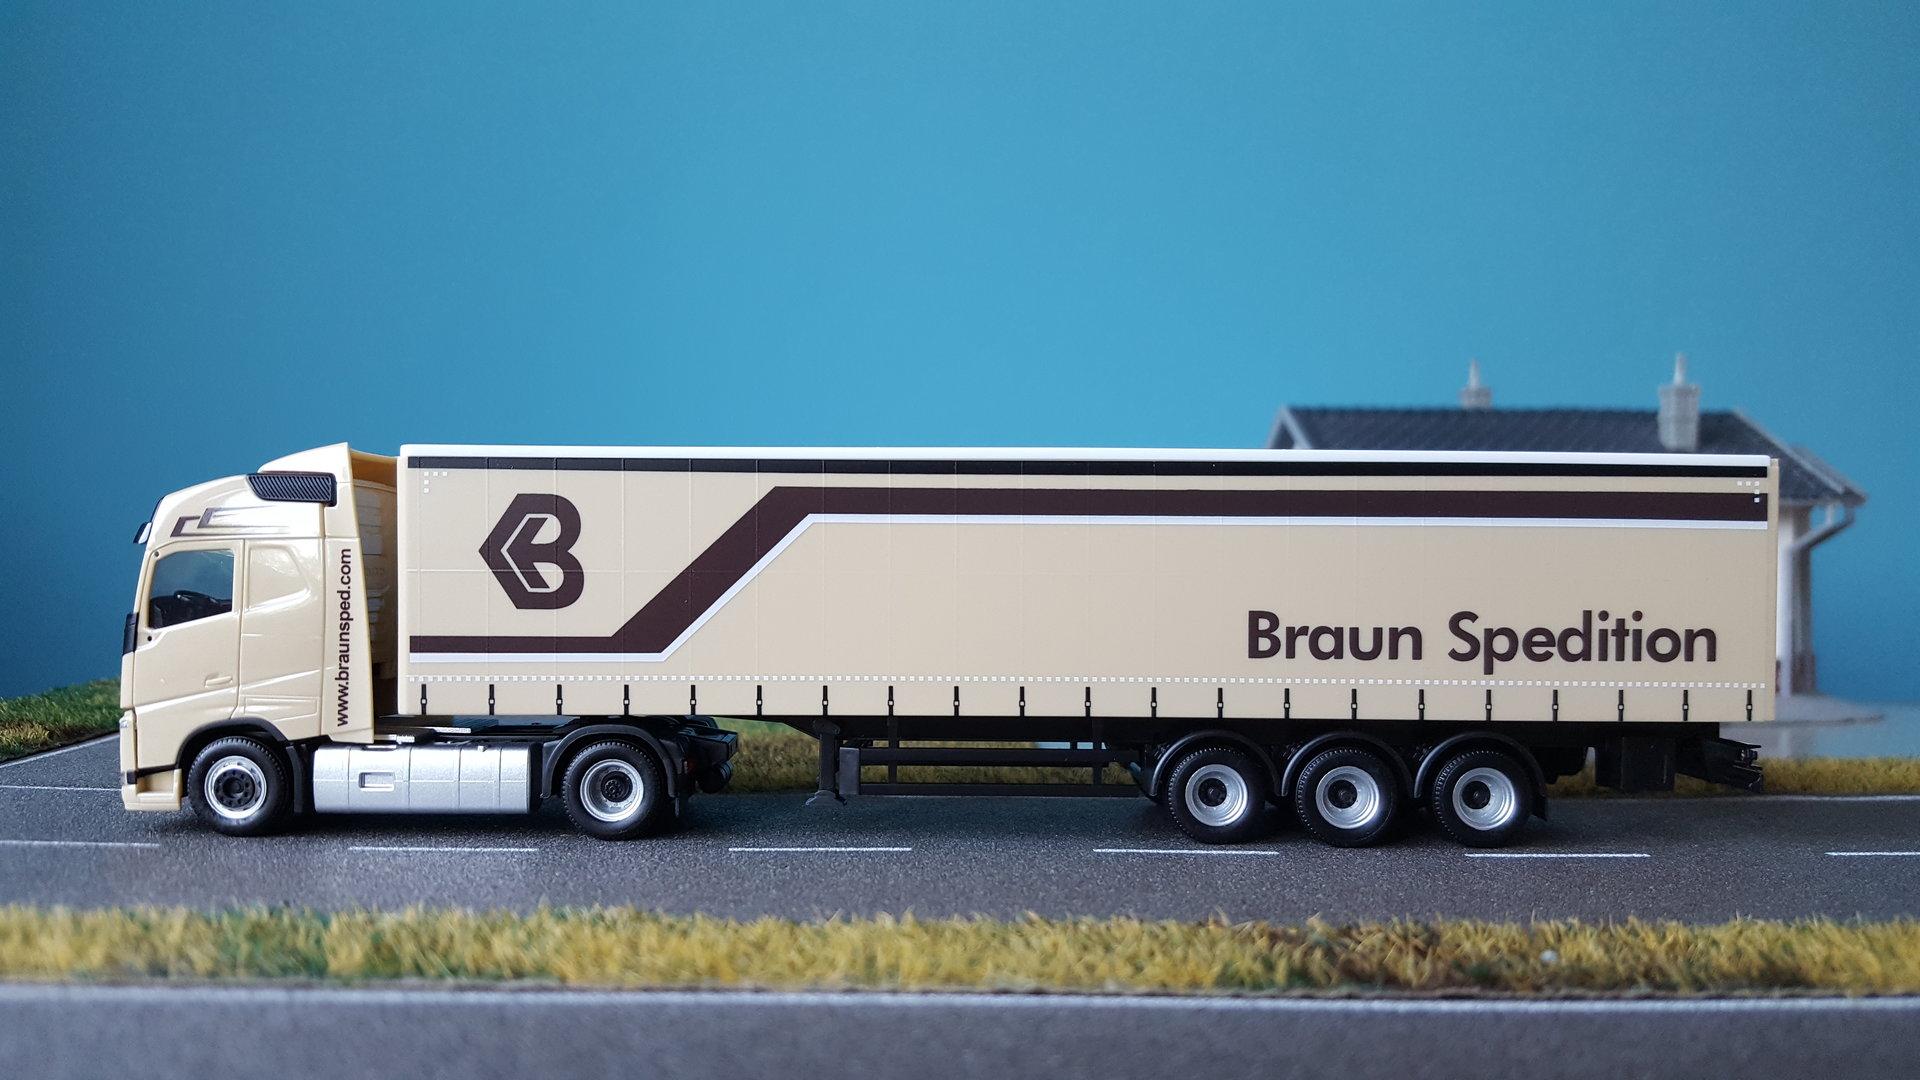 braun4.jpg